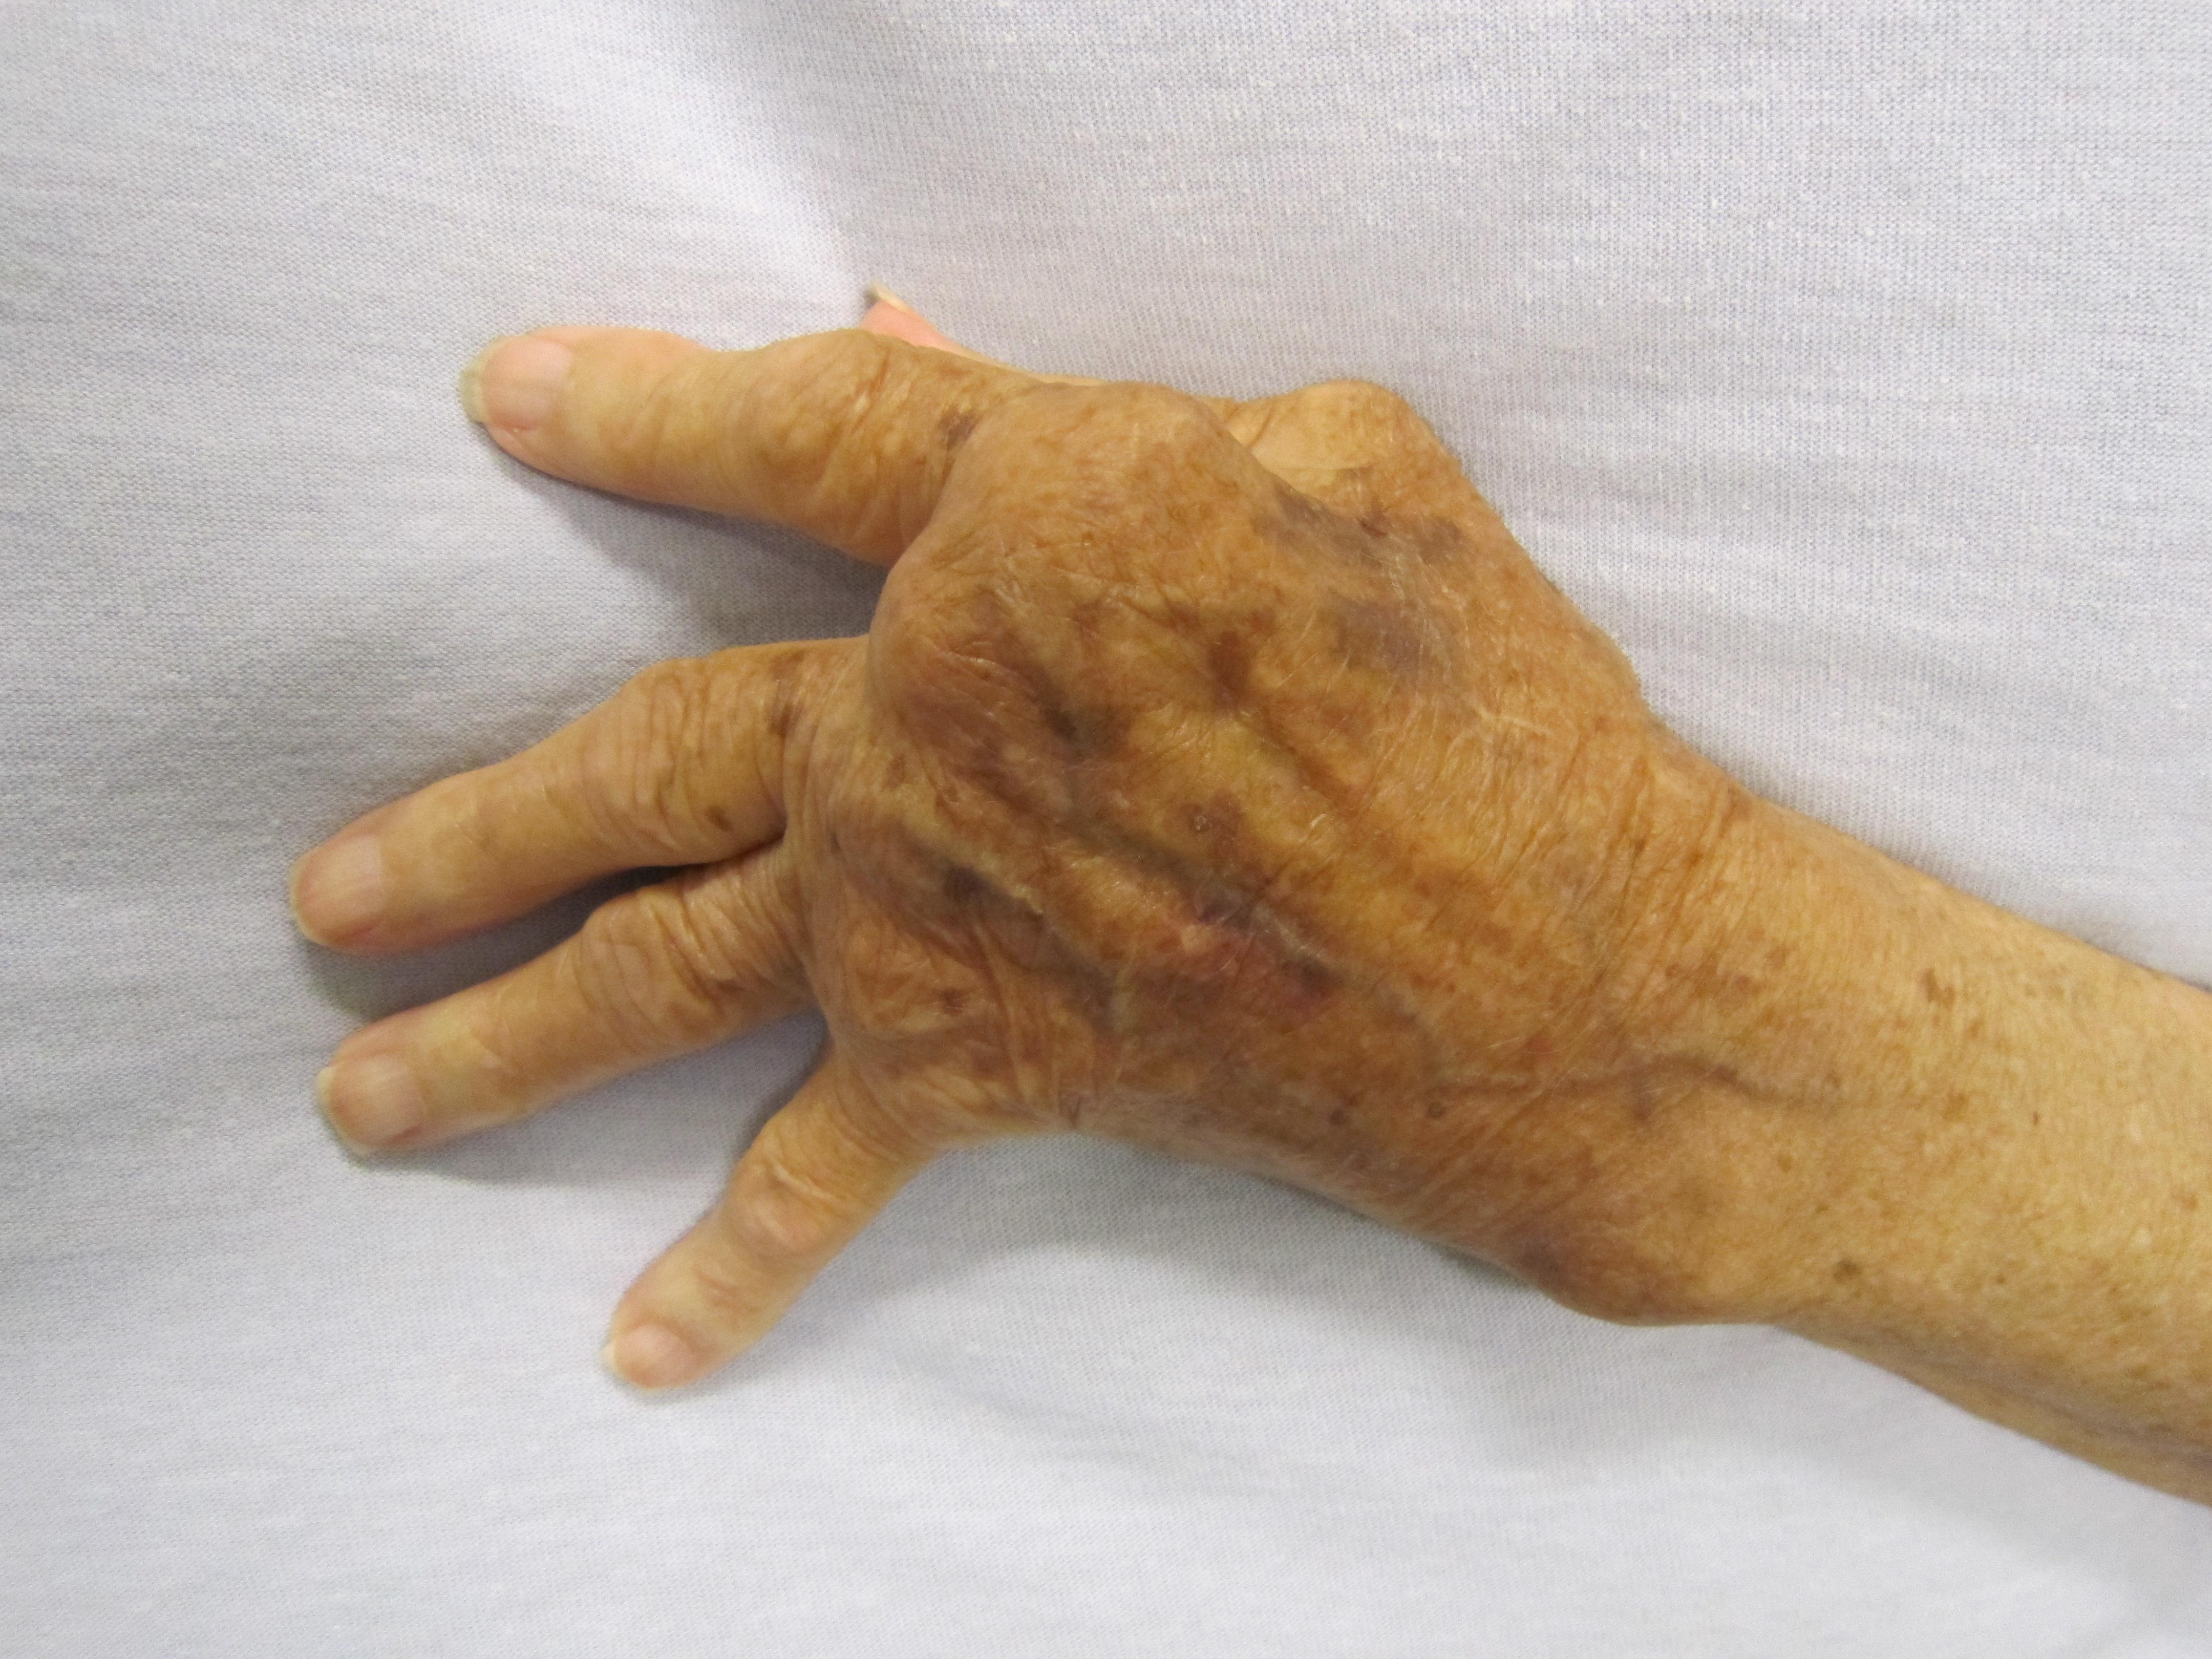 a lábujjak ízületeinek reuma tünetei és kezelése kezelje úgy, mint az ízületeket